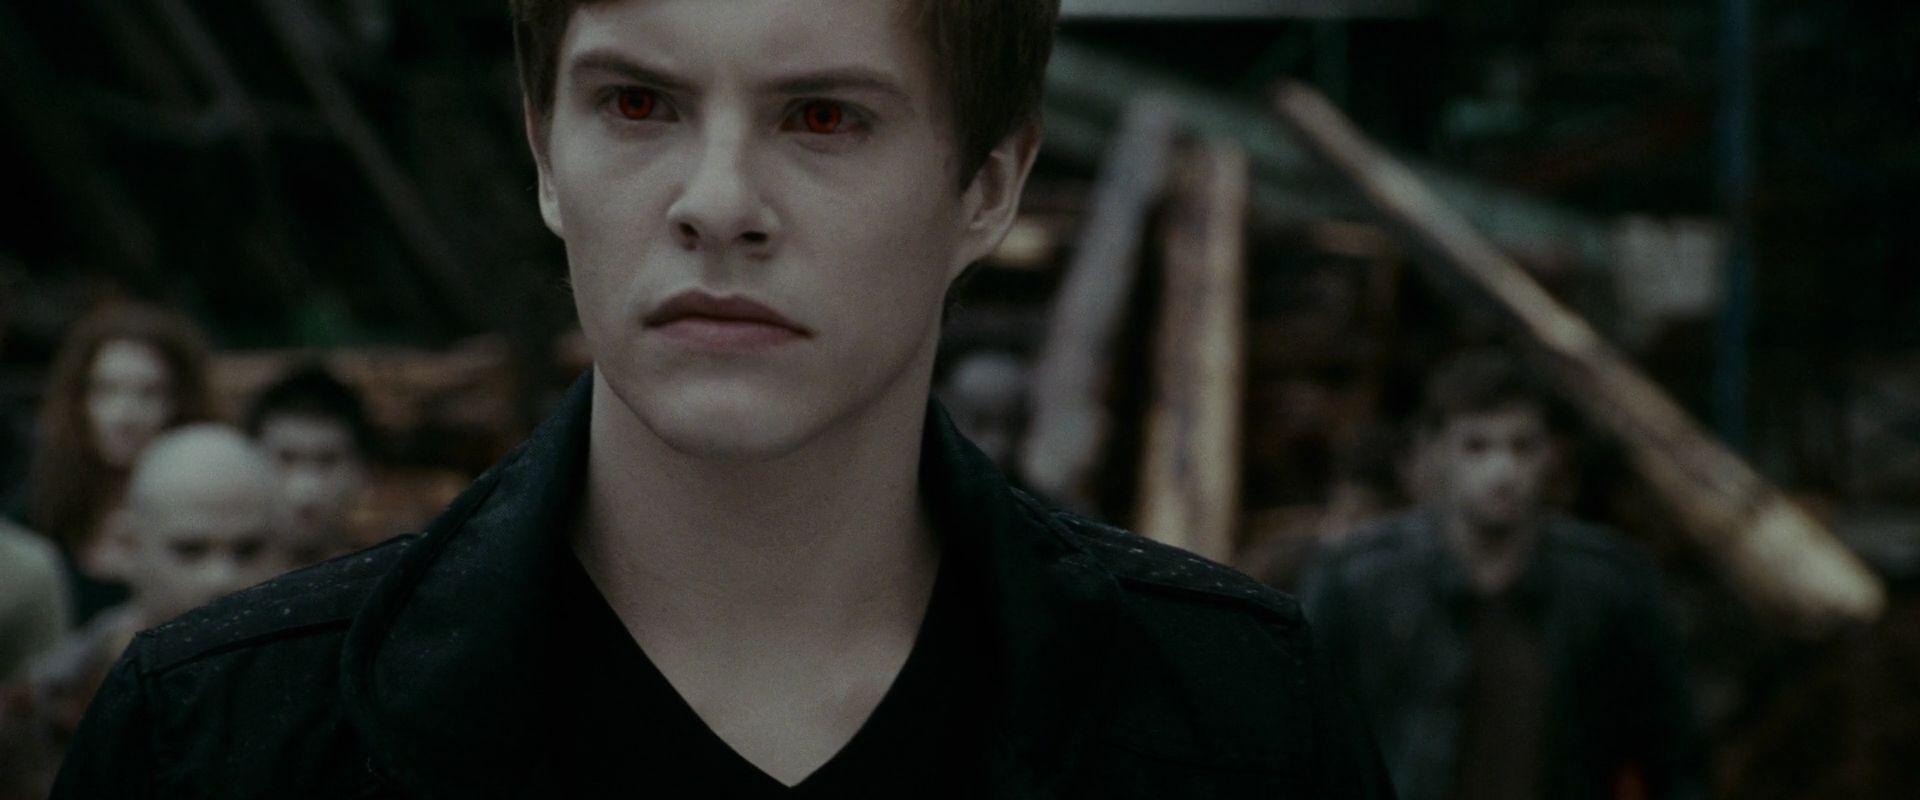 Eclipse Movie Bluray [...